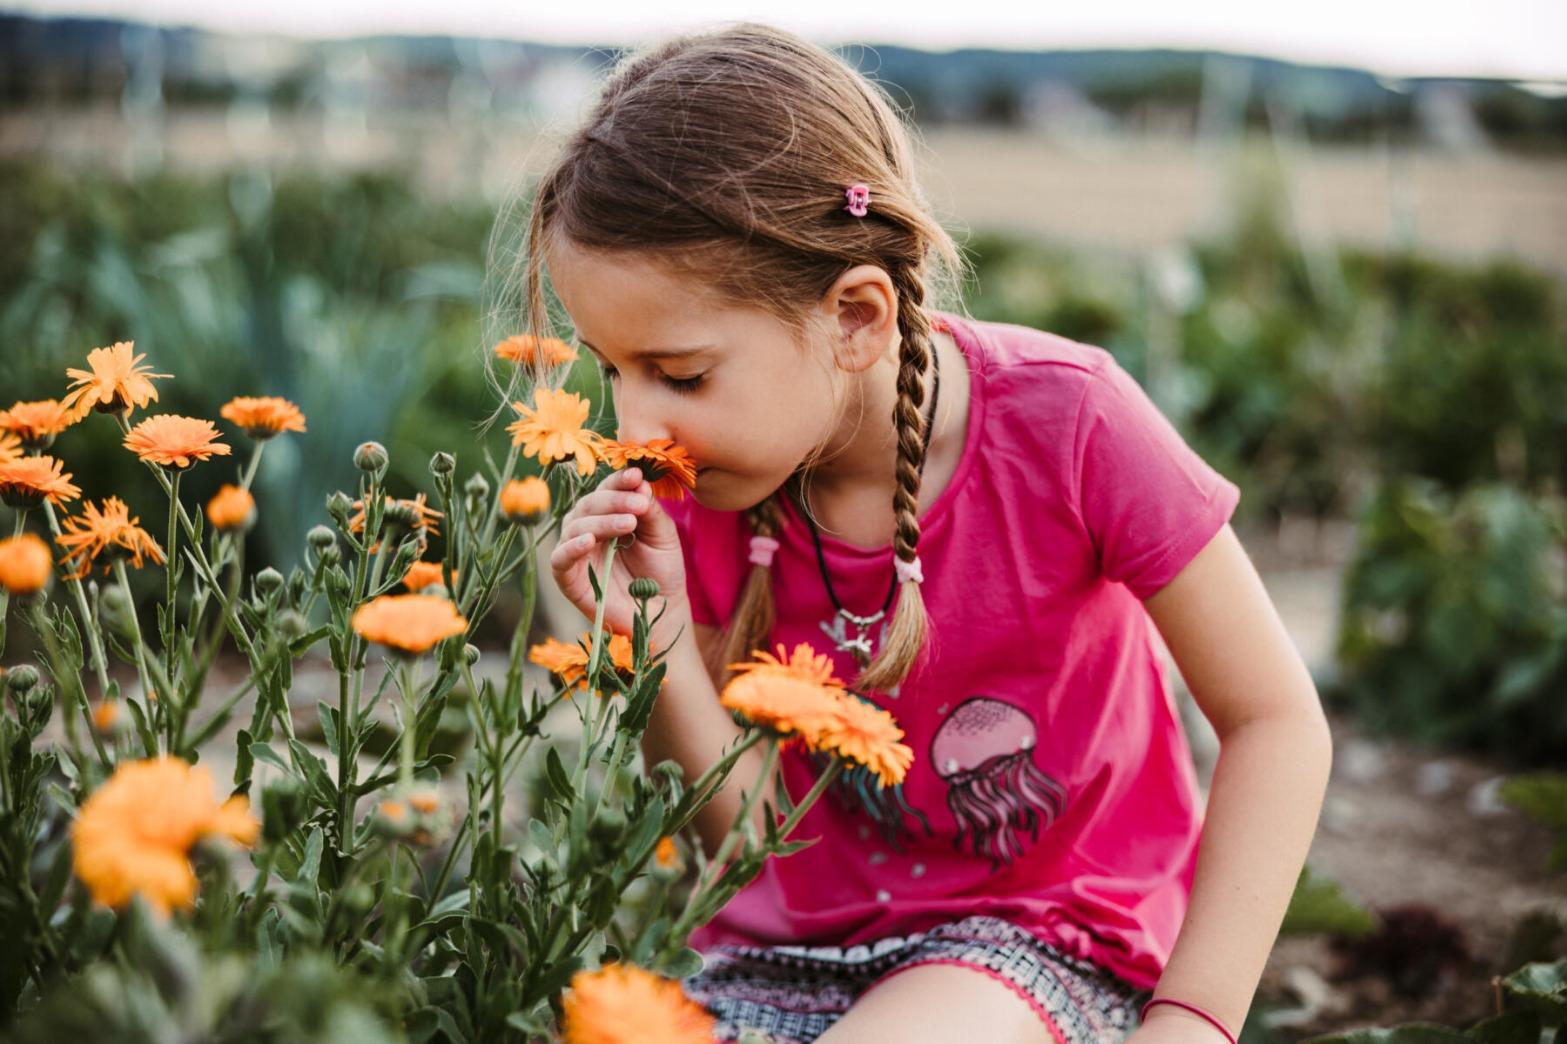 tanteemmagarten-myart_caroline_schmidlechner-0475-1800x1200.jpg